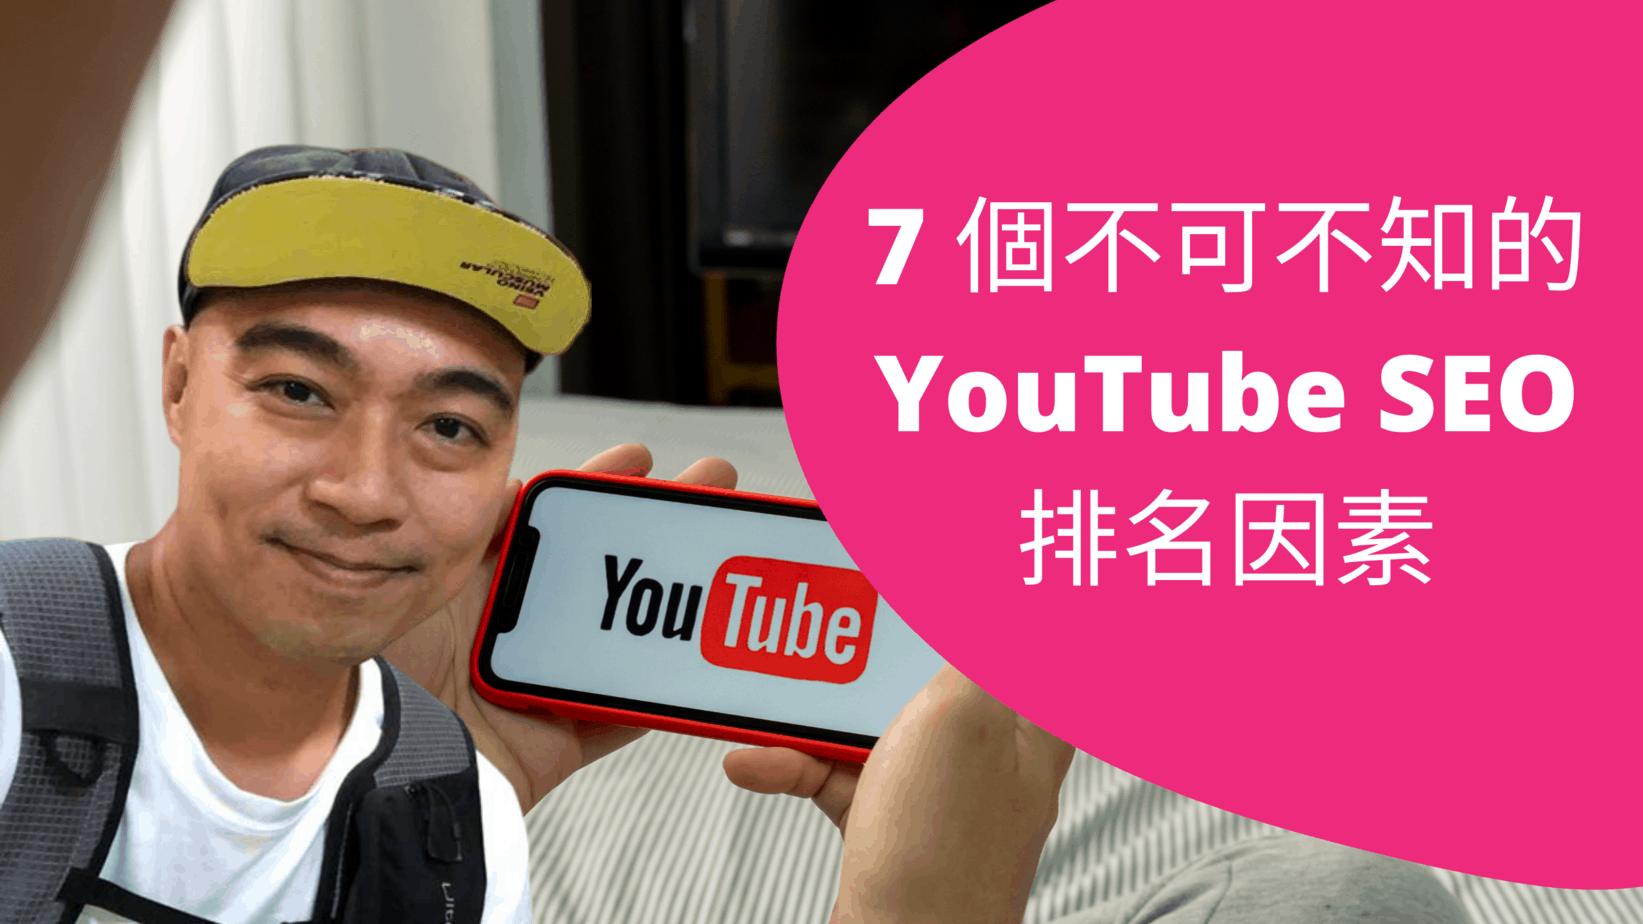 YouTube SEO 教學:7 個 YouTube SEO 優化方向 (2020 年)